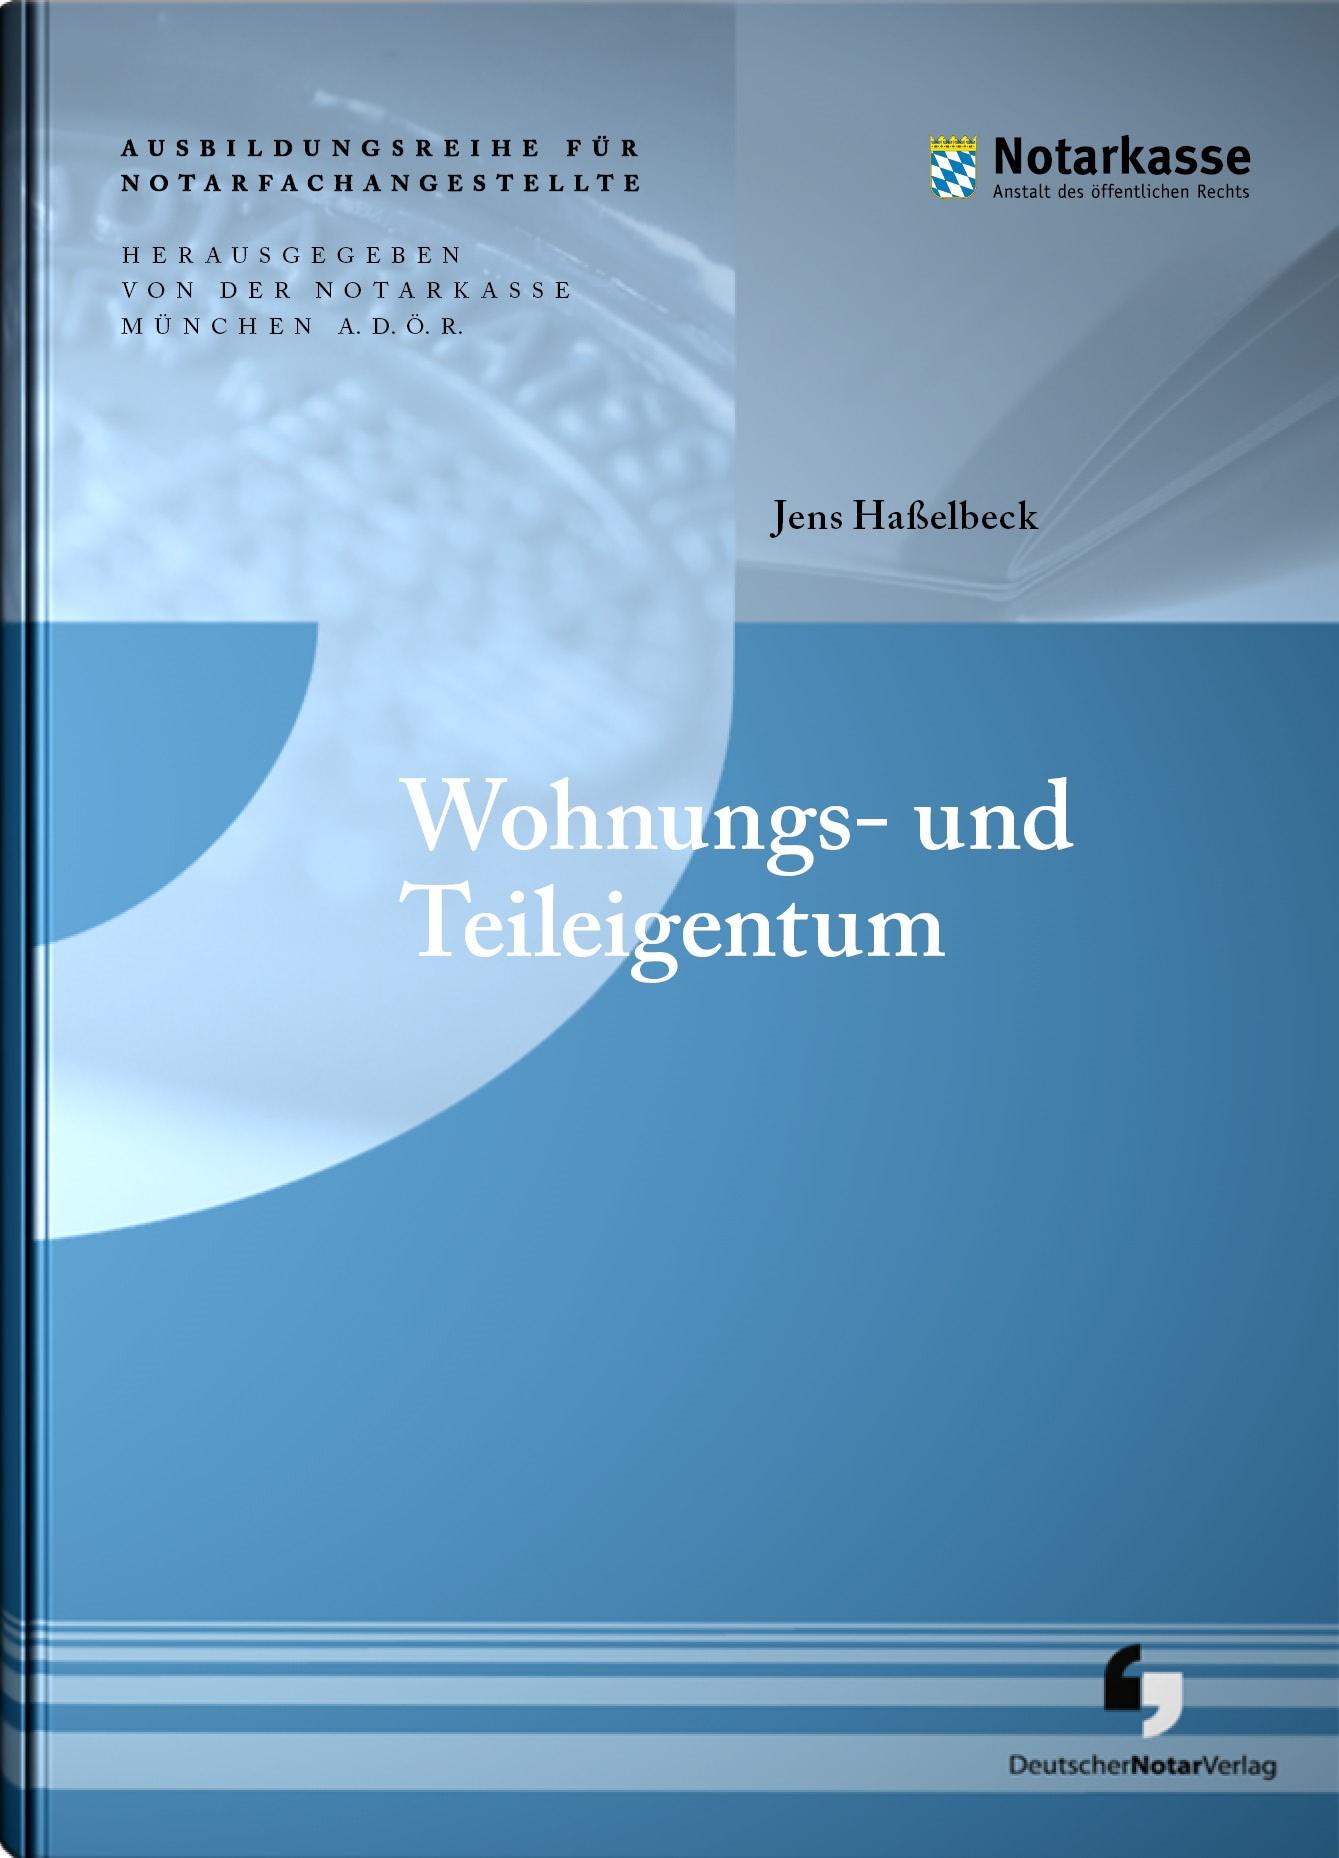 Wohnungs- und Teileigentum | Haßelbeck, 2017 | Buch (Cover)